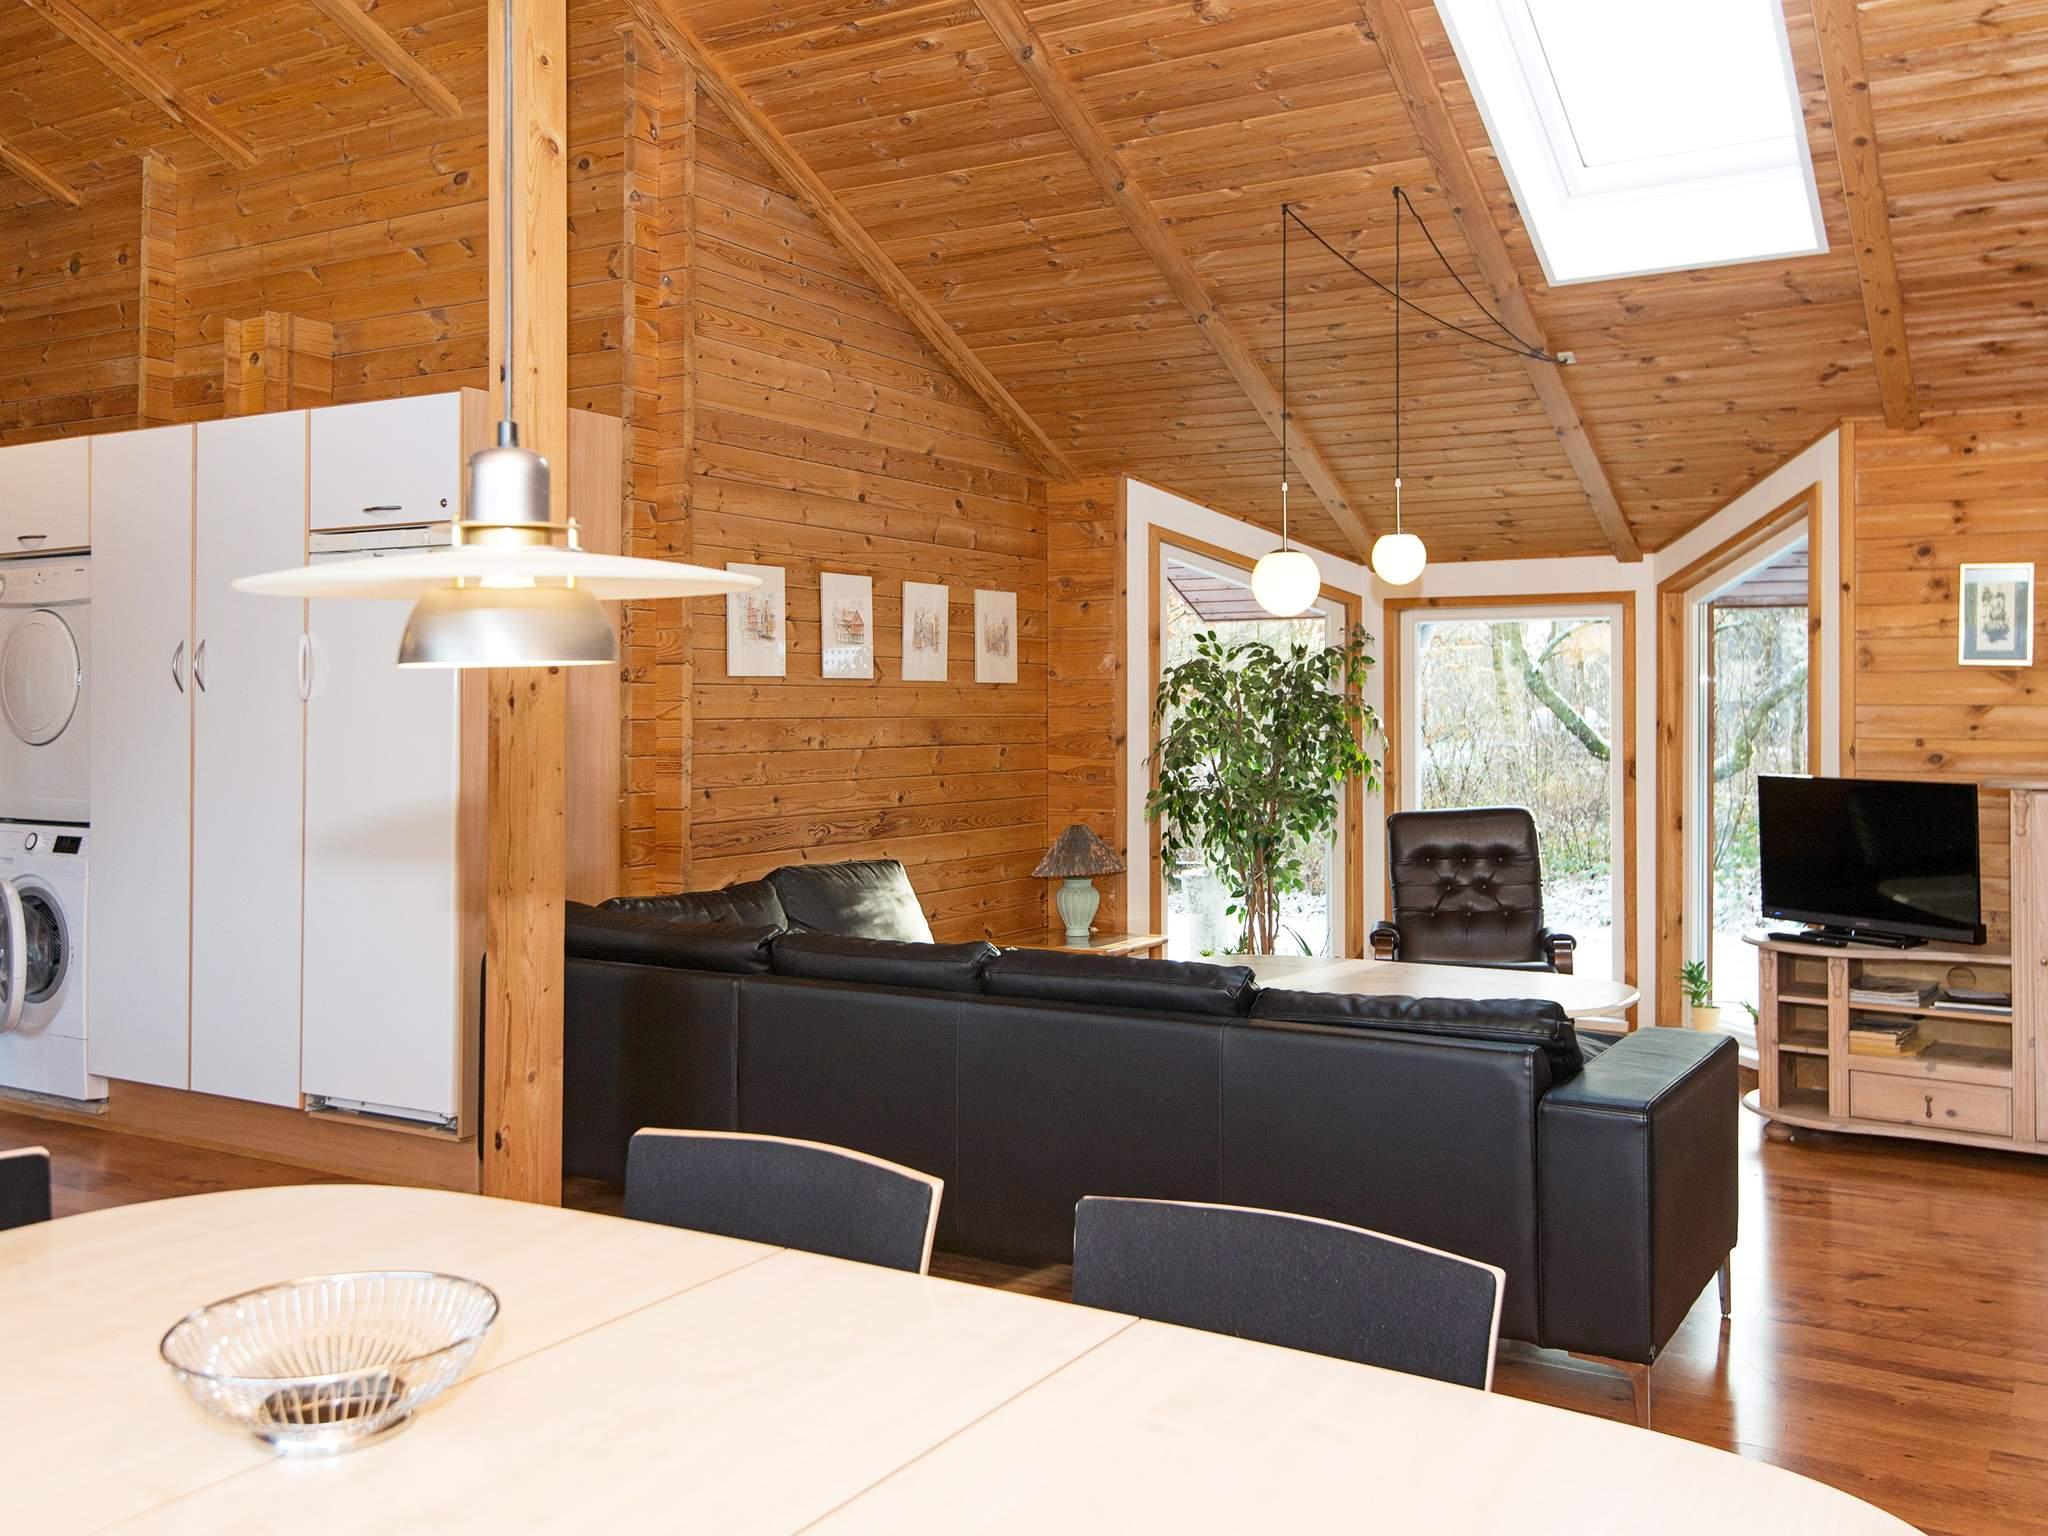 Ferienhaus Silkeborg (84171), Silkeborg, , Ostjütland, Dänemark, Bild 6